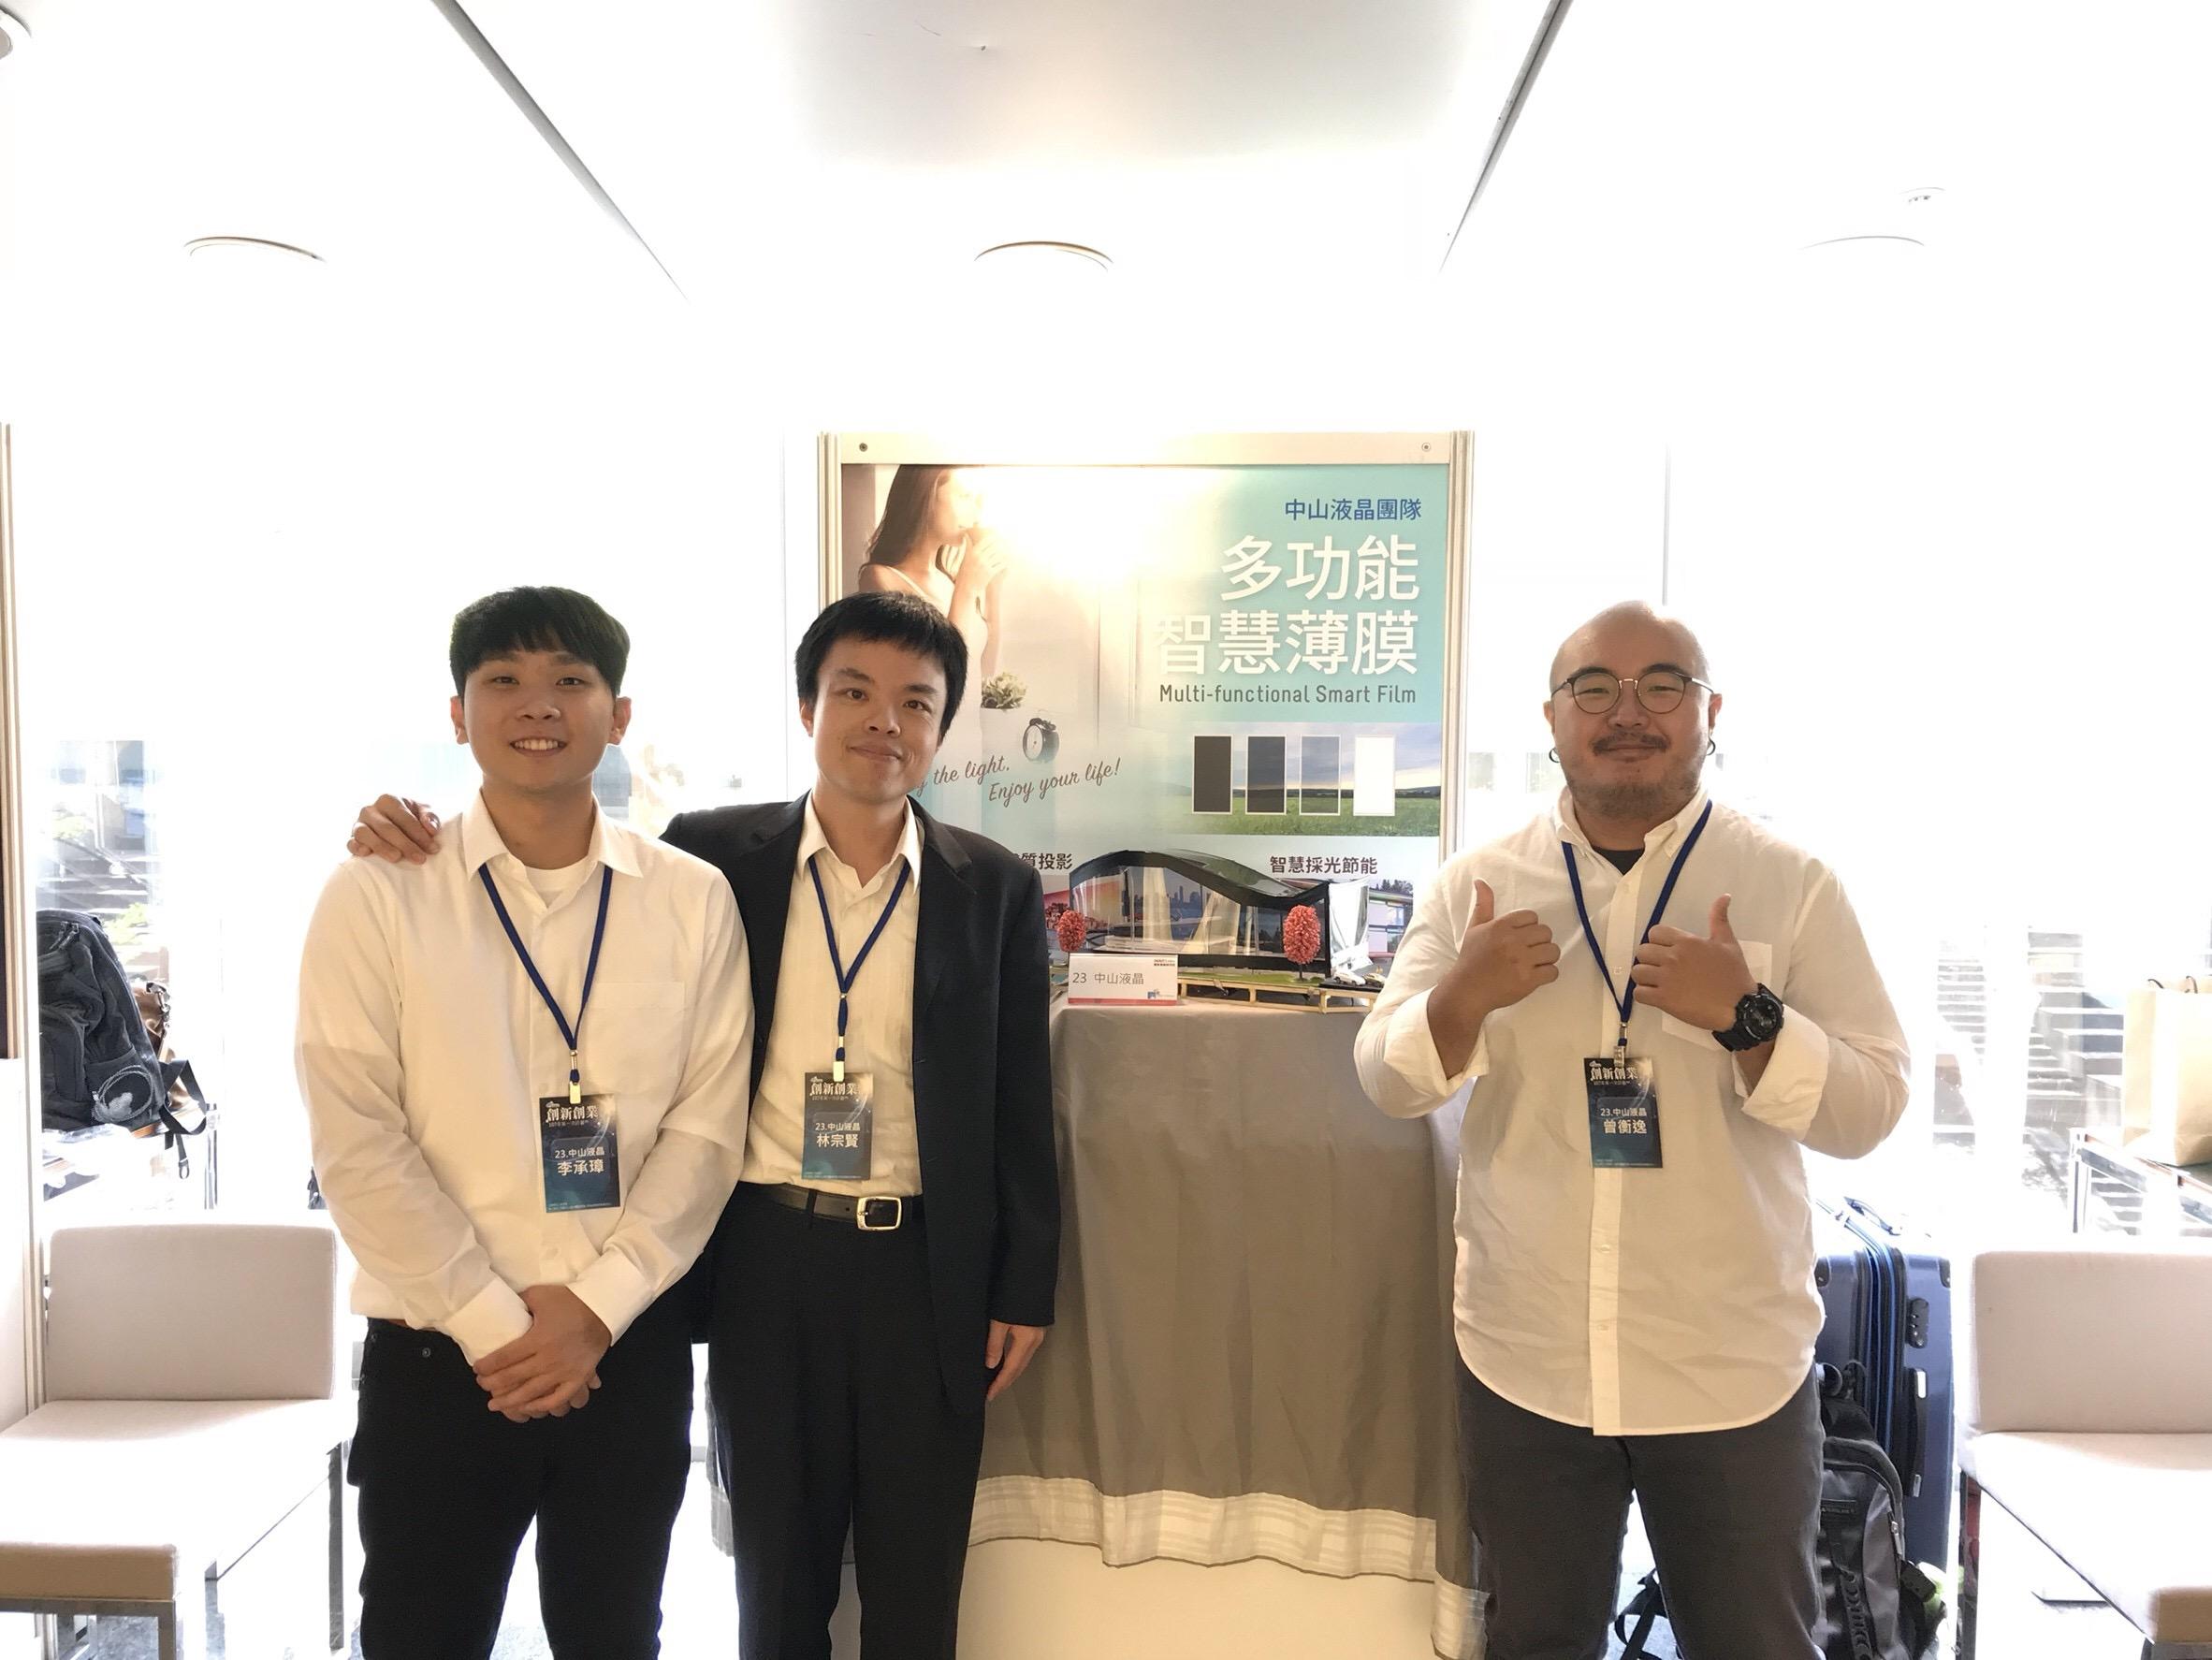 核心團隊成員,由左至右分別為李承璋、林宗賢教授與曾衡逸